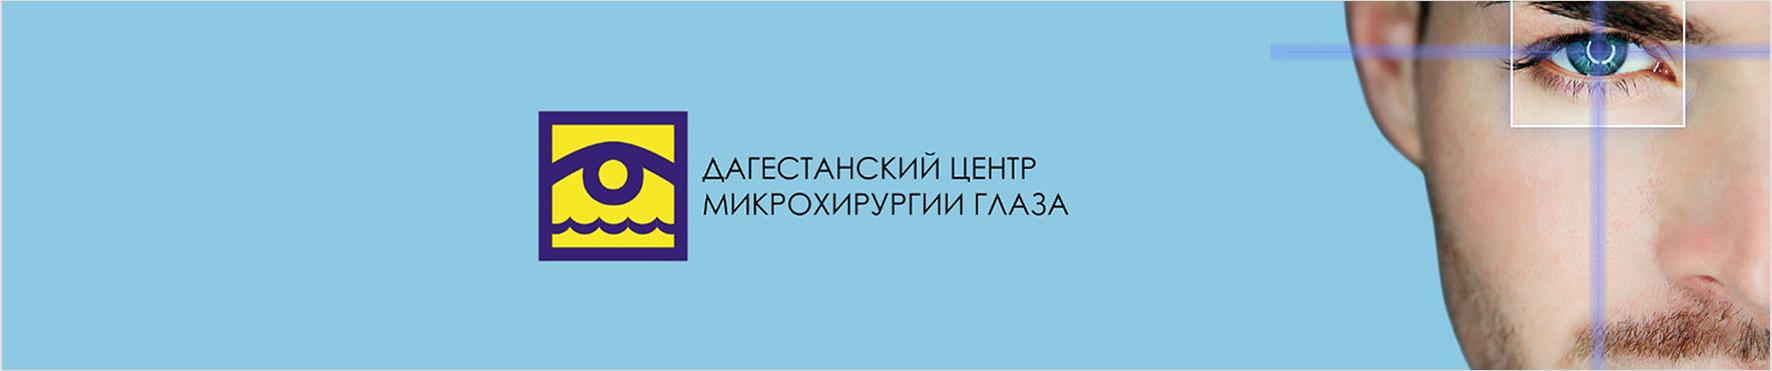 Реклама в Чечне щиты